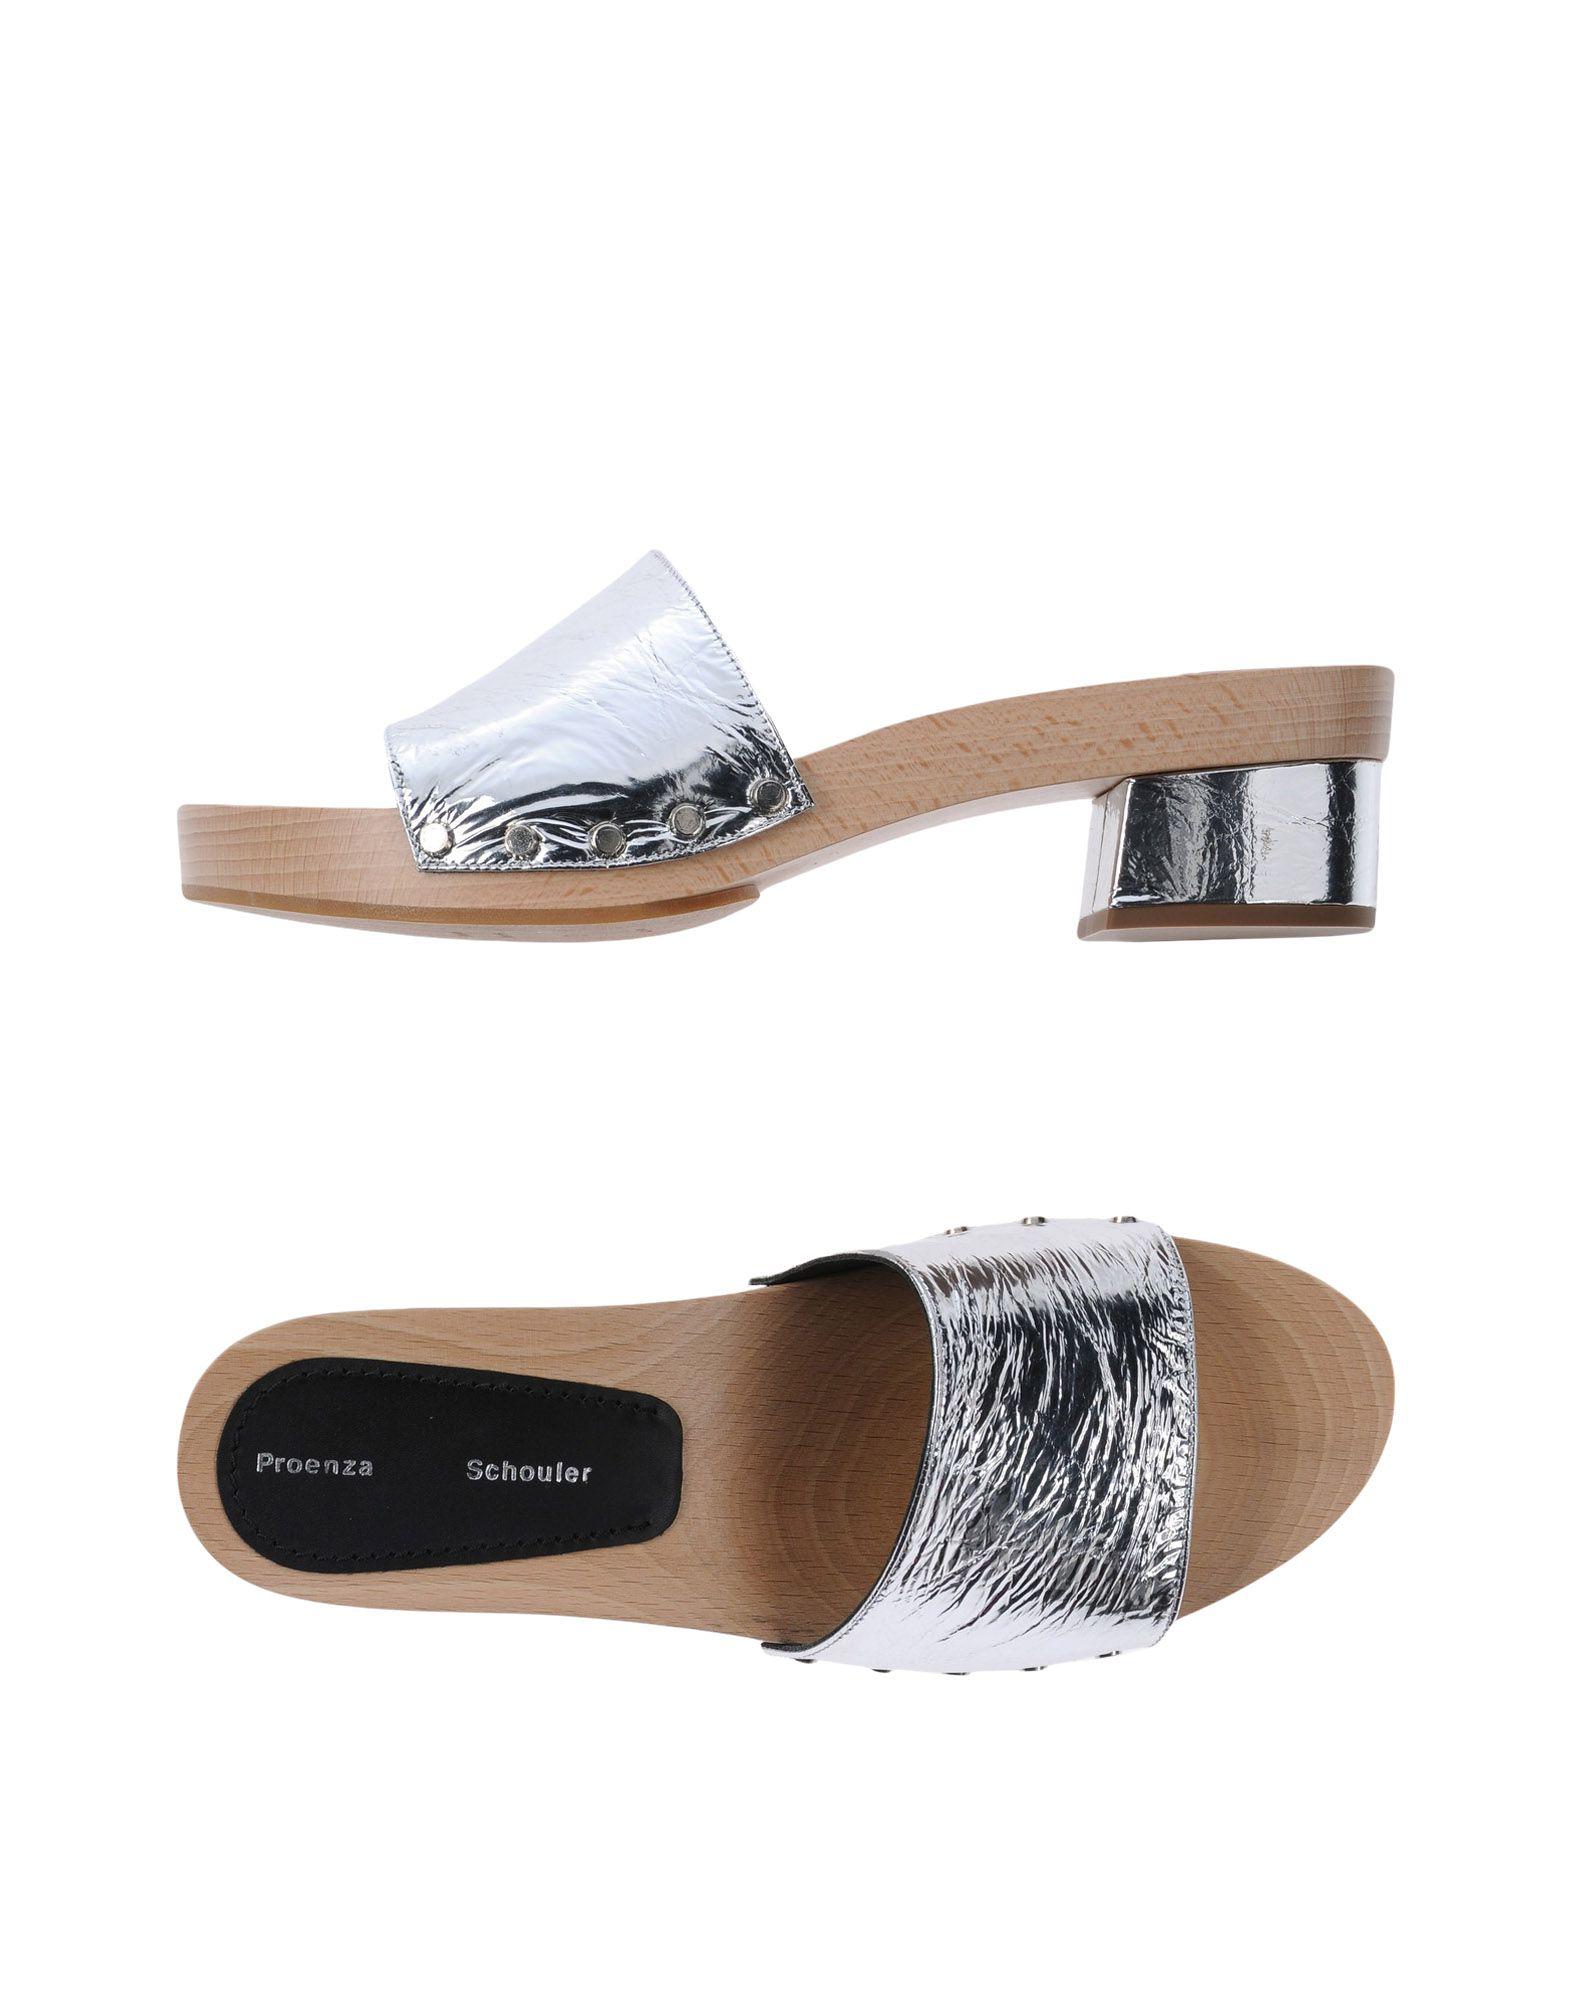 Proenza Schouler Sandalen Damen  11424764MLGut Schuhe aussehende strapazierfähige Schuhe 11424764MLGut 86d3c9